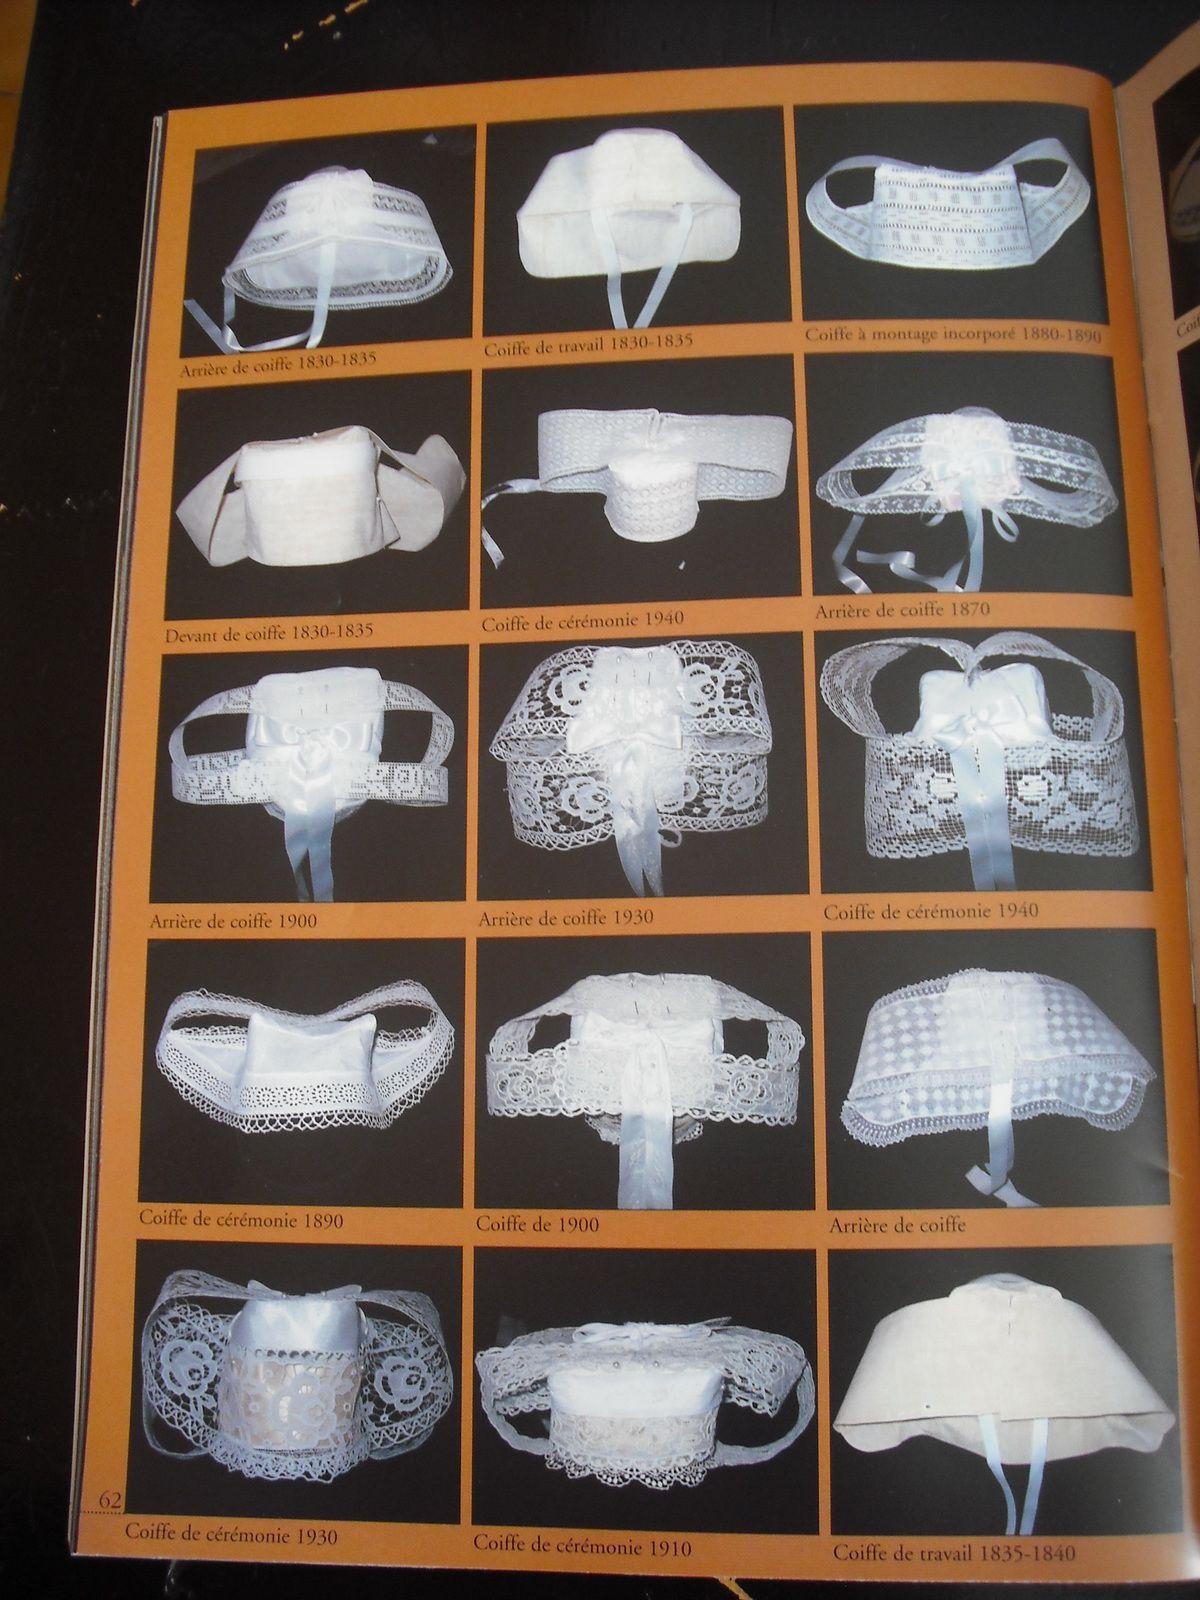 descriptif et montage d'une coiffe bretonne - partie 1